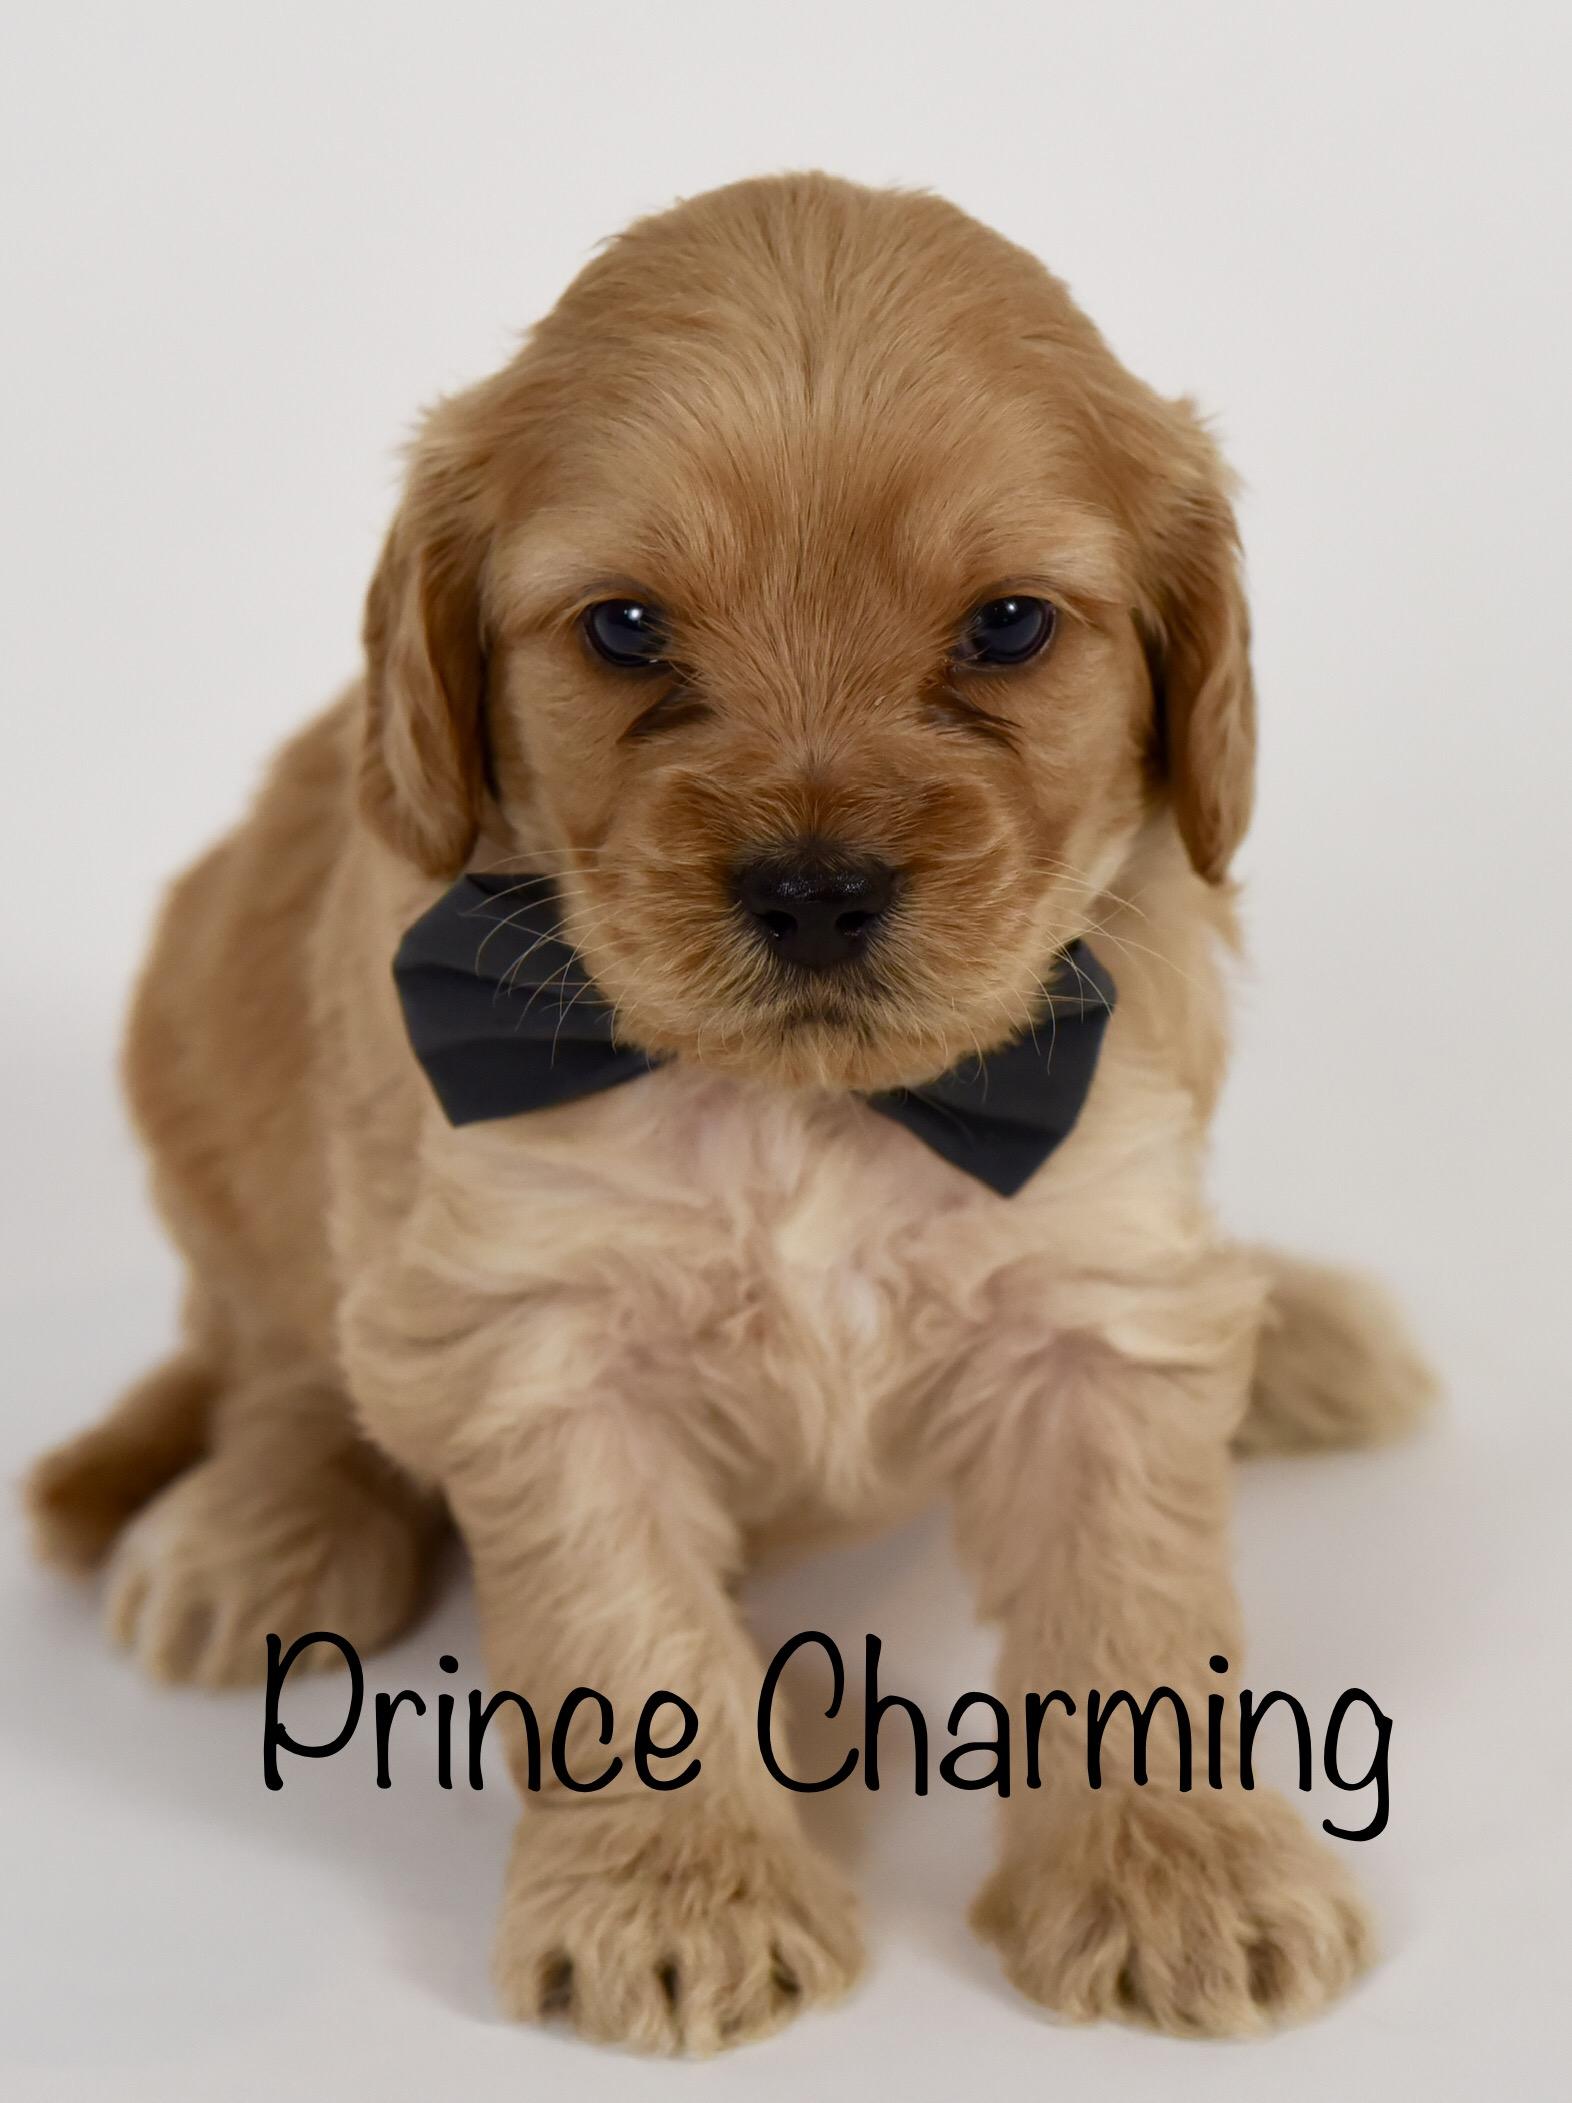 princecharming4weeks.jpg